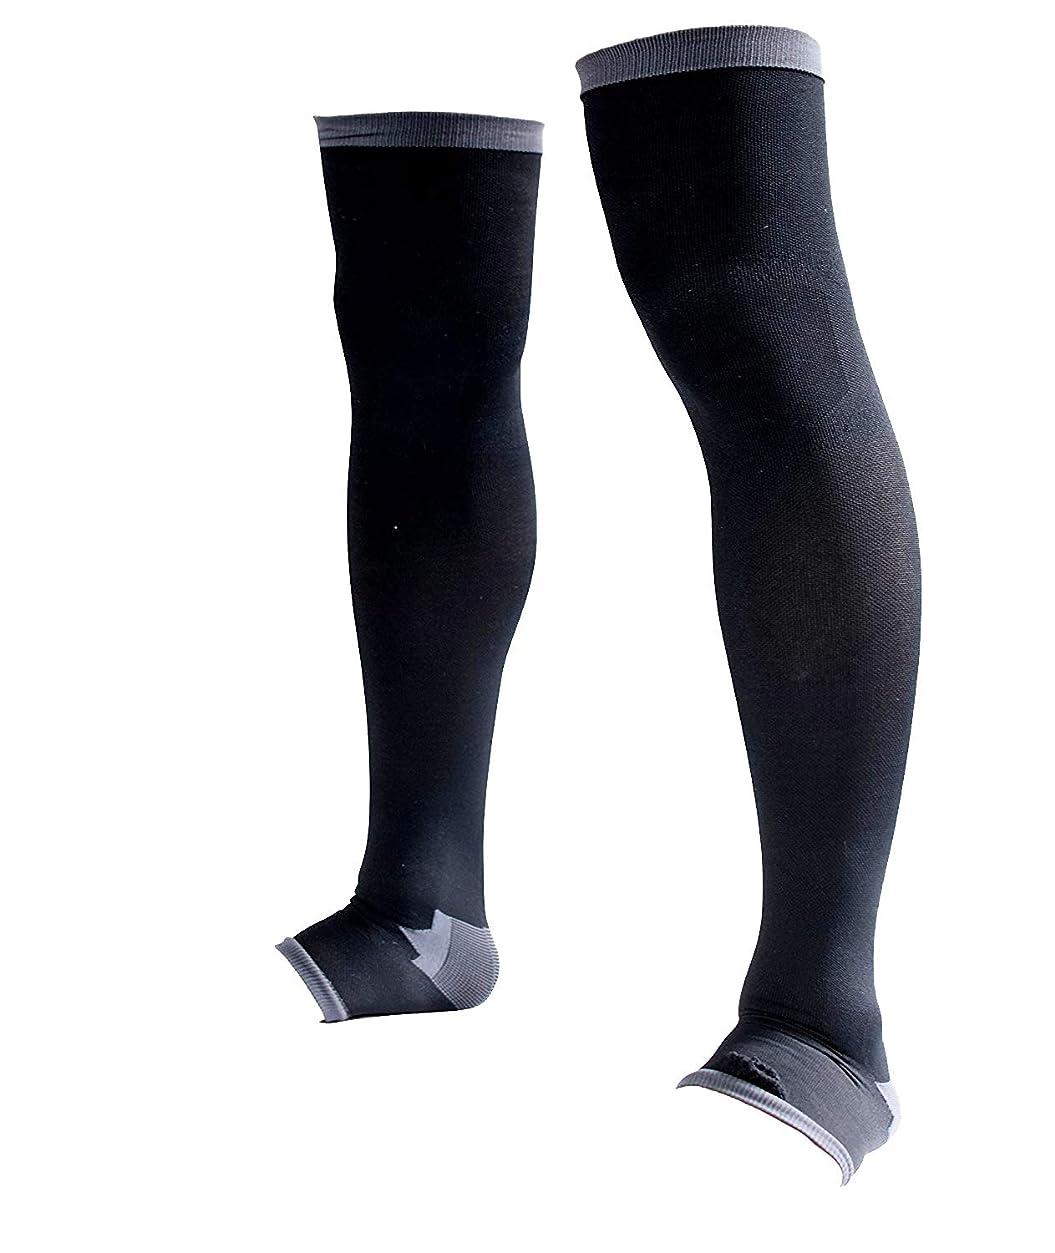 壁船員トランク男性専用脚すっきり対策オープントゥ着圧ソックス 膝上 L-LL 順天堂大学客員教授推奨